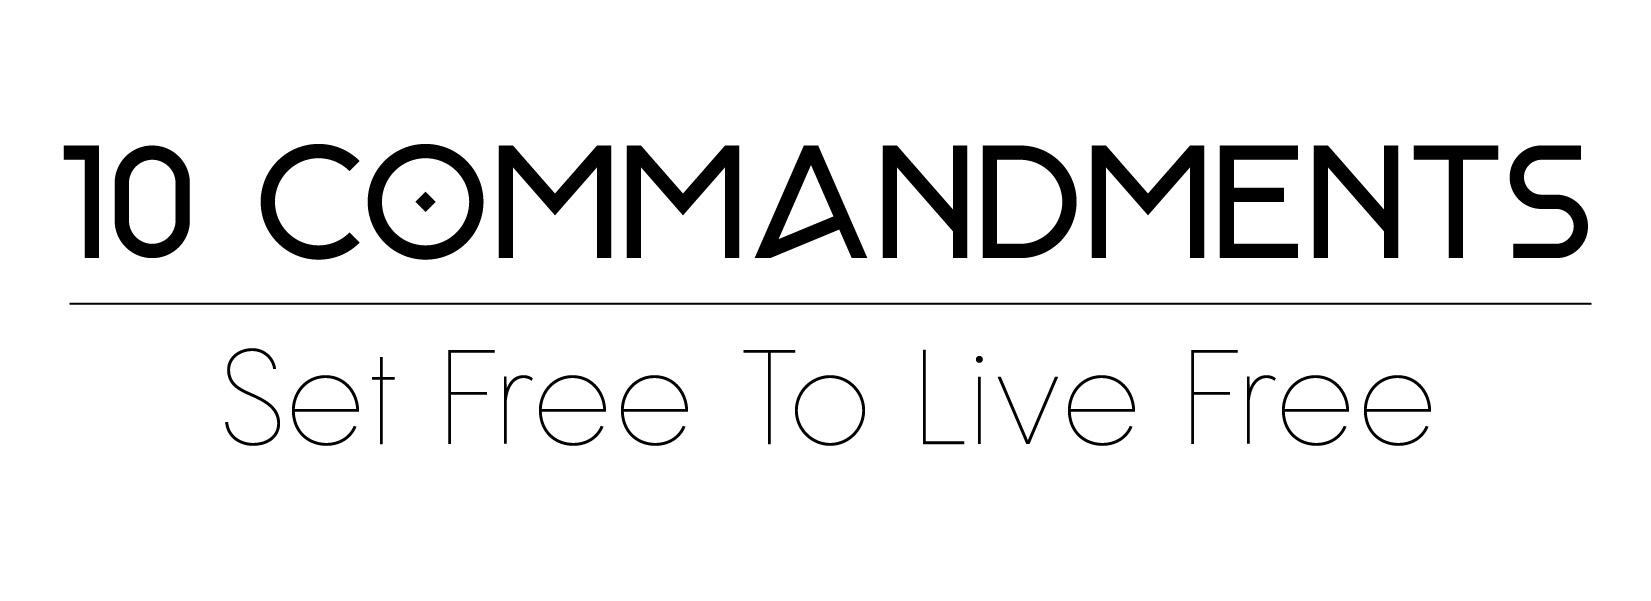 10 Commandments Graphics-05.jpg